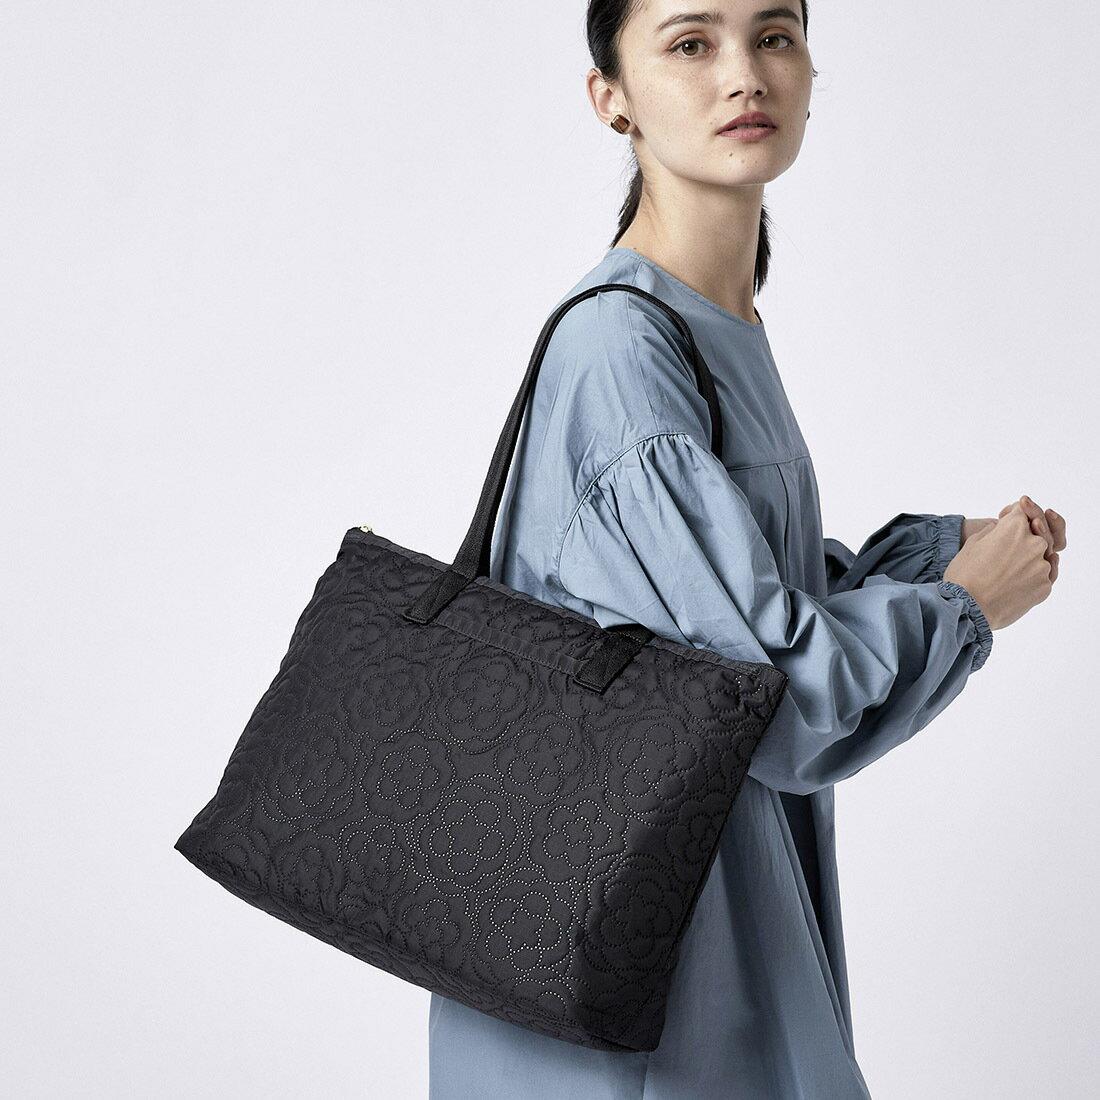 產品詳細資料,日本Yahoo代標|日本代購|日本批發-ibuy99|包包、服飾|包|女士包|手提袋|BASIC EAST WEST TOTE/パフィーブロッサムズ/レスポートサック